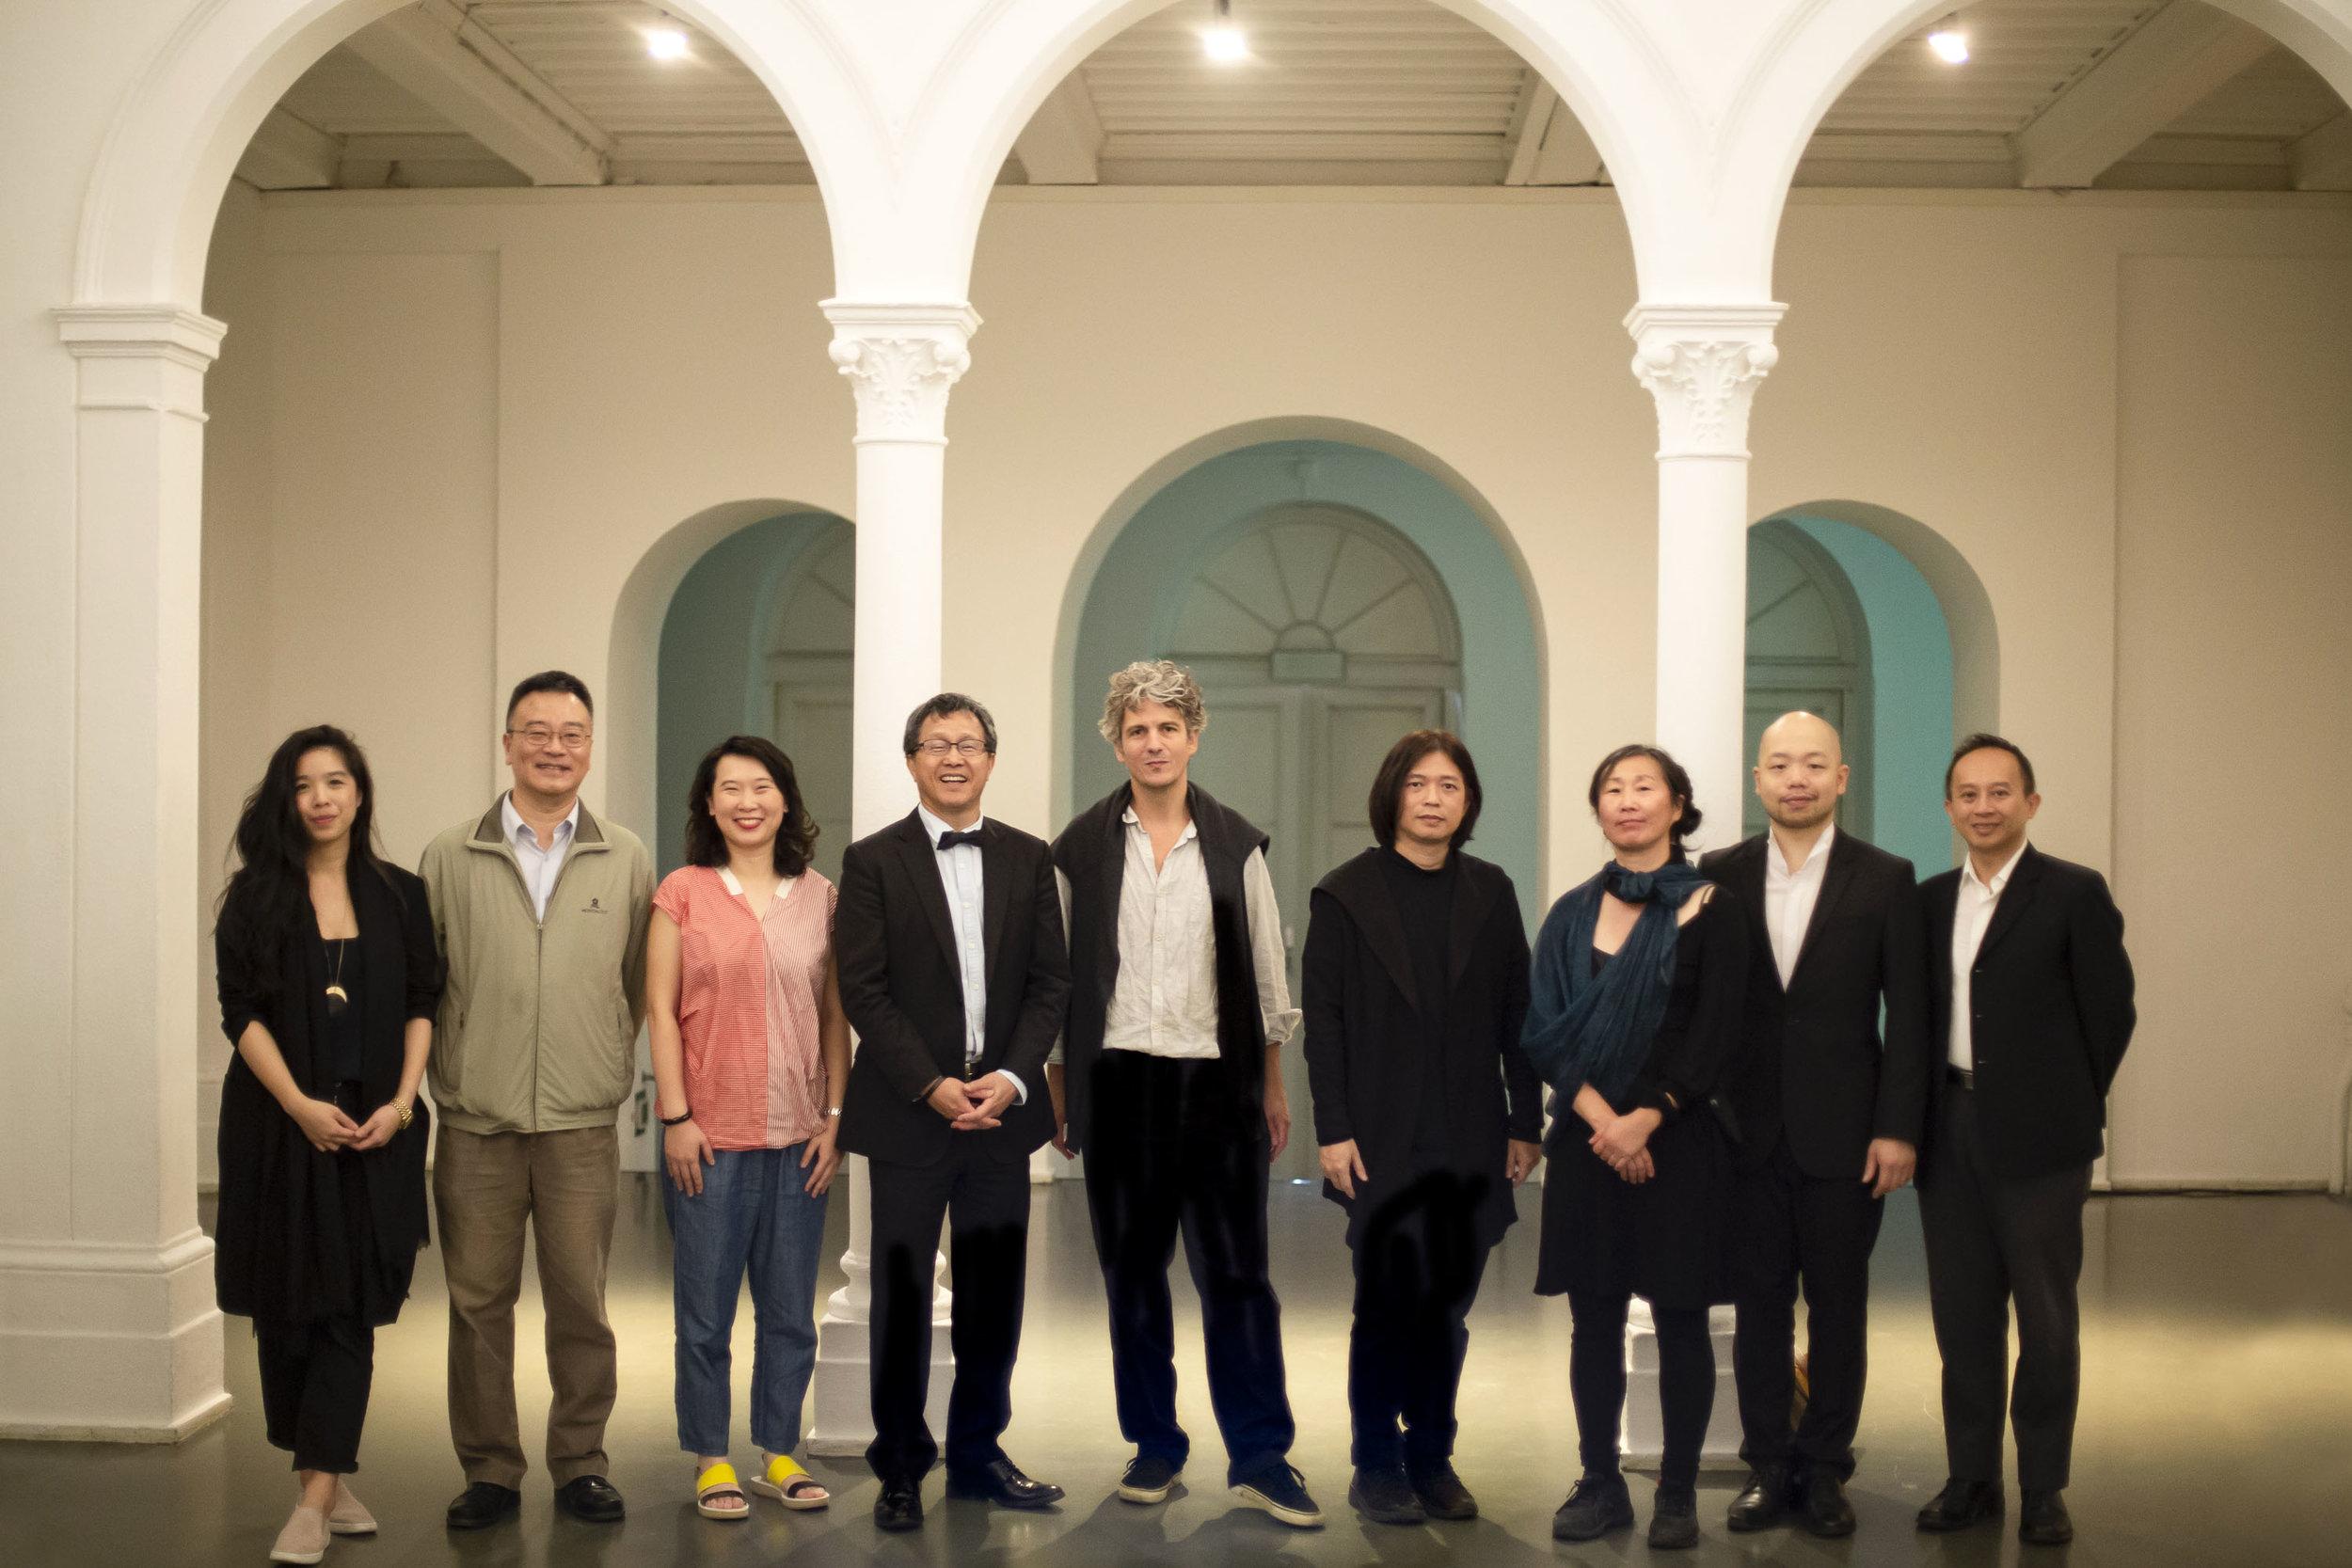 (From left):  Viola Yao, Pei-Jung Lee, Ada Kai-Ting Yang, Prof. Dr. Jhy-Wey Shieh, Augustin Maurs, Wang Fu-Jui, Li-Ping Ting, Ya-Chung Huang and Aaron Liu